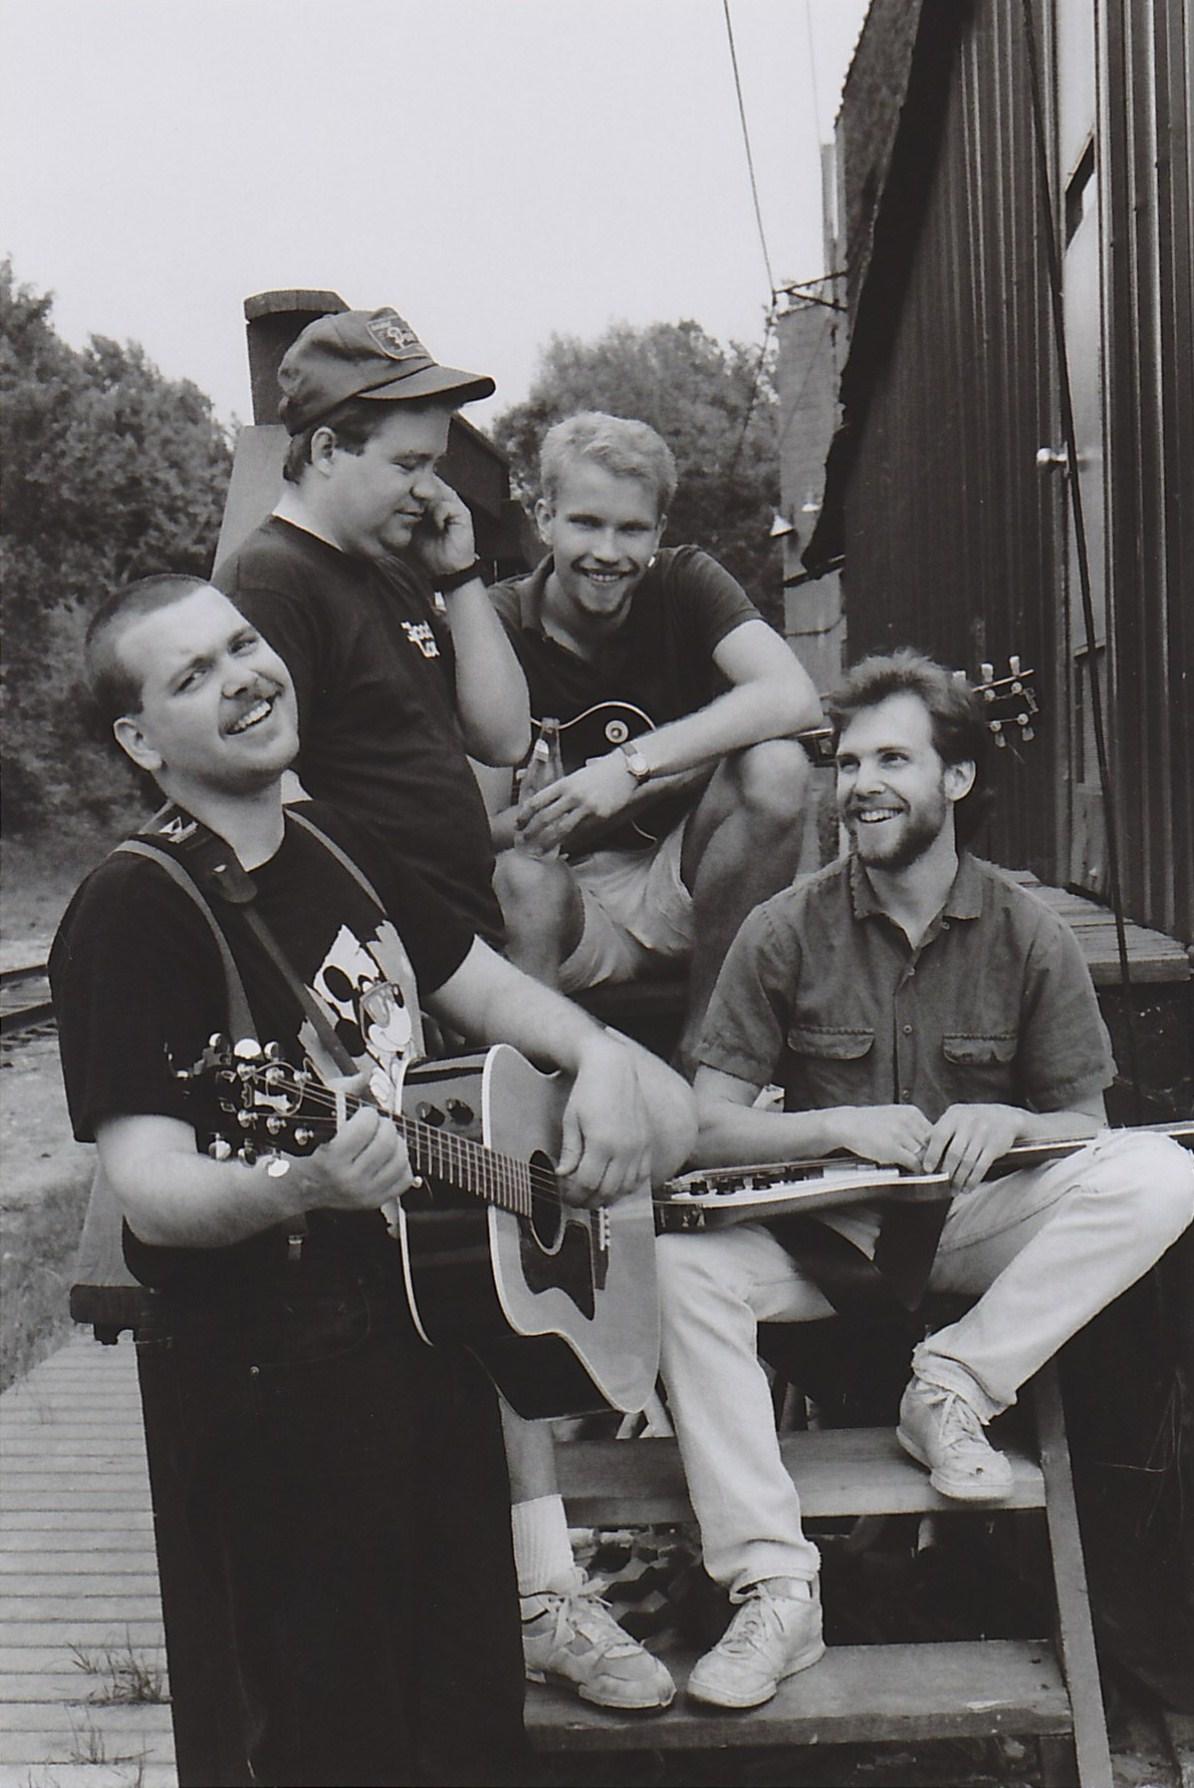 Band Photos, Summer 1989